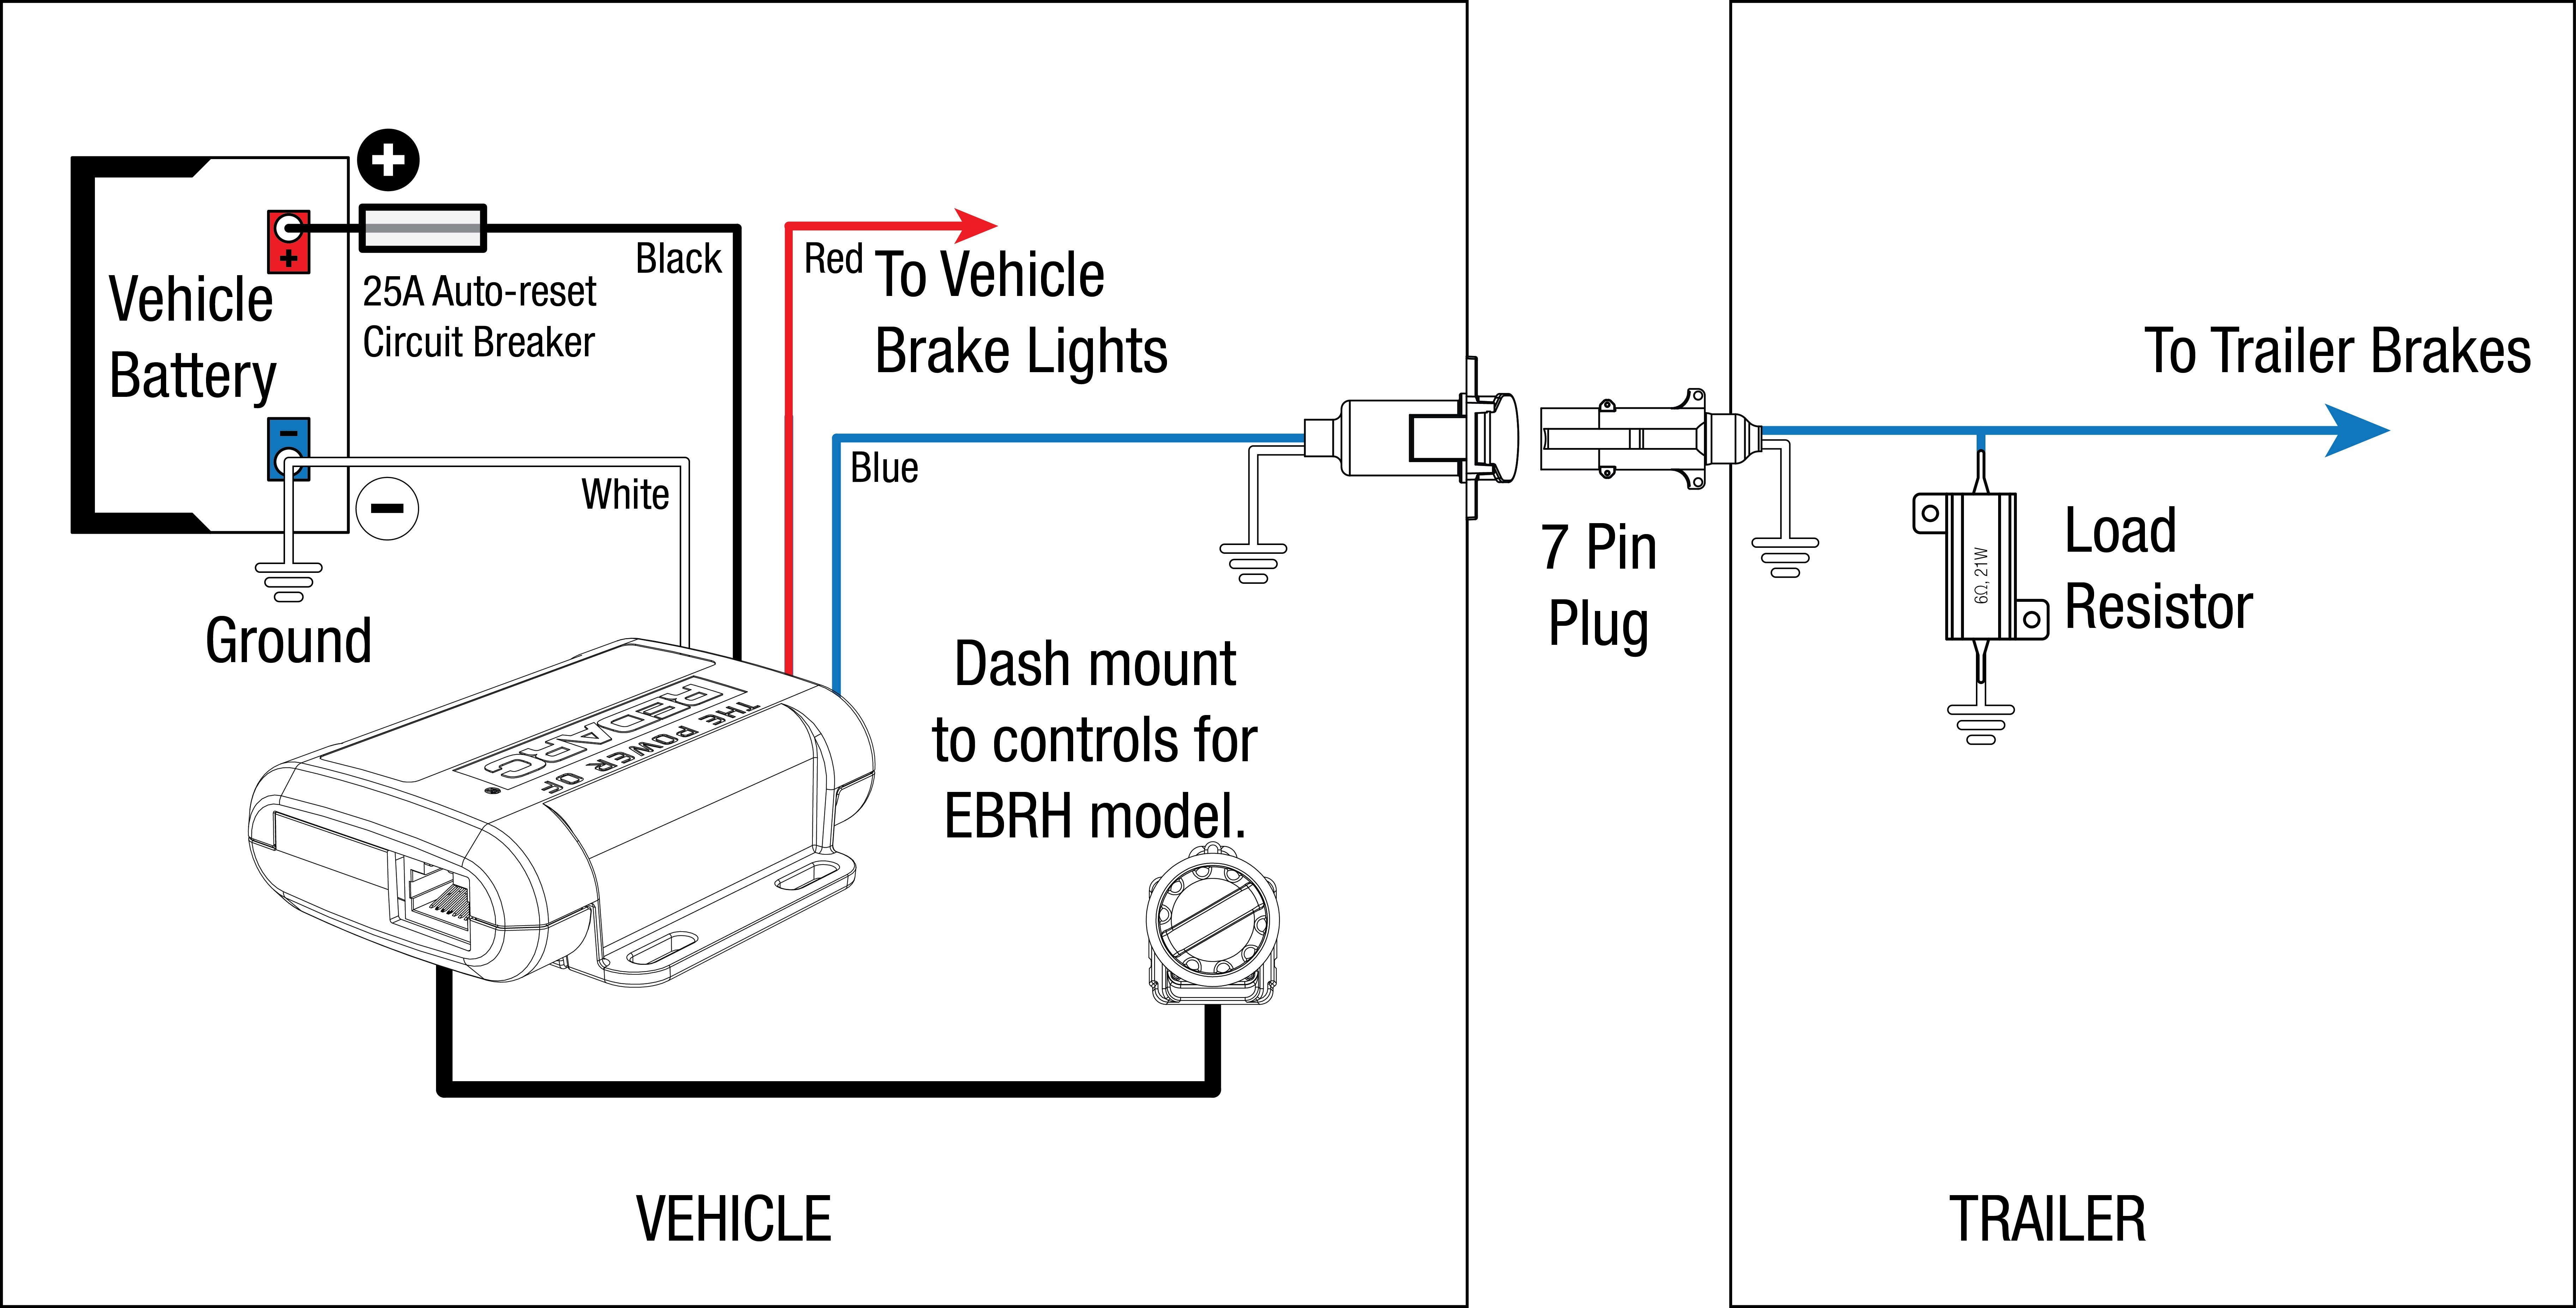 Car Light Diagram Unique Light Wiring Diagram Diagram Of Car Light Diagram